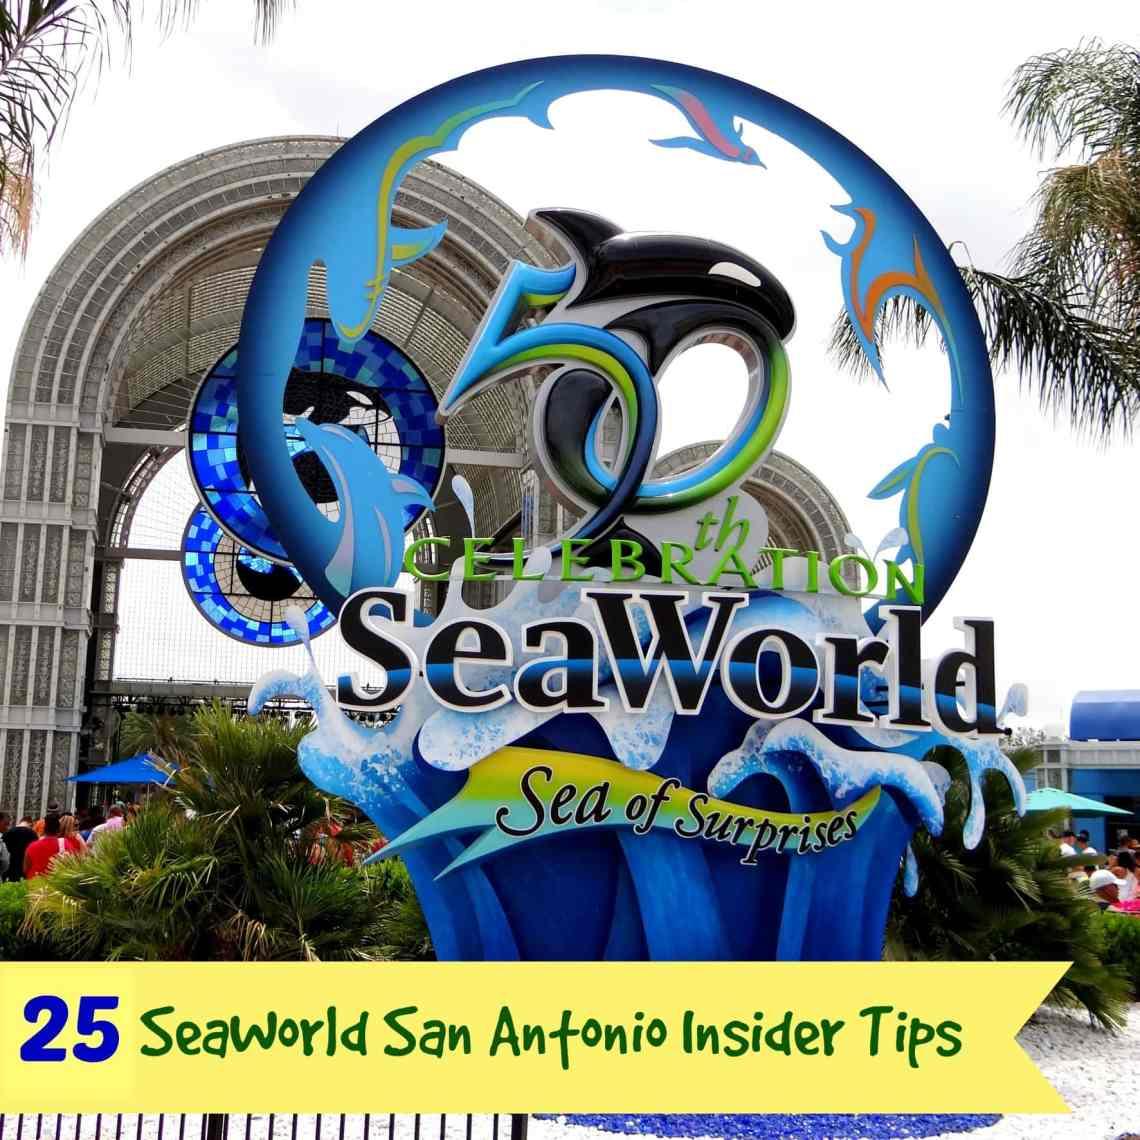 25 SeaWorld San Antonio Insider Tips A blog for the love of Pinterest